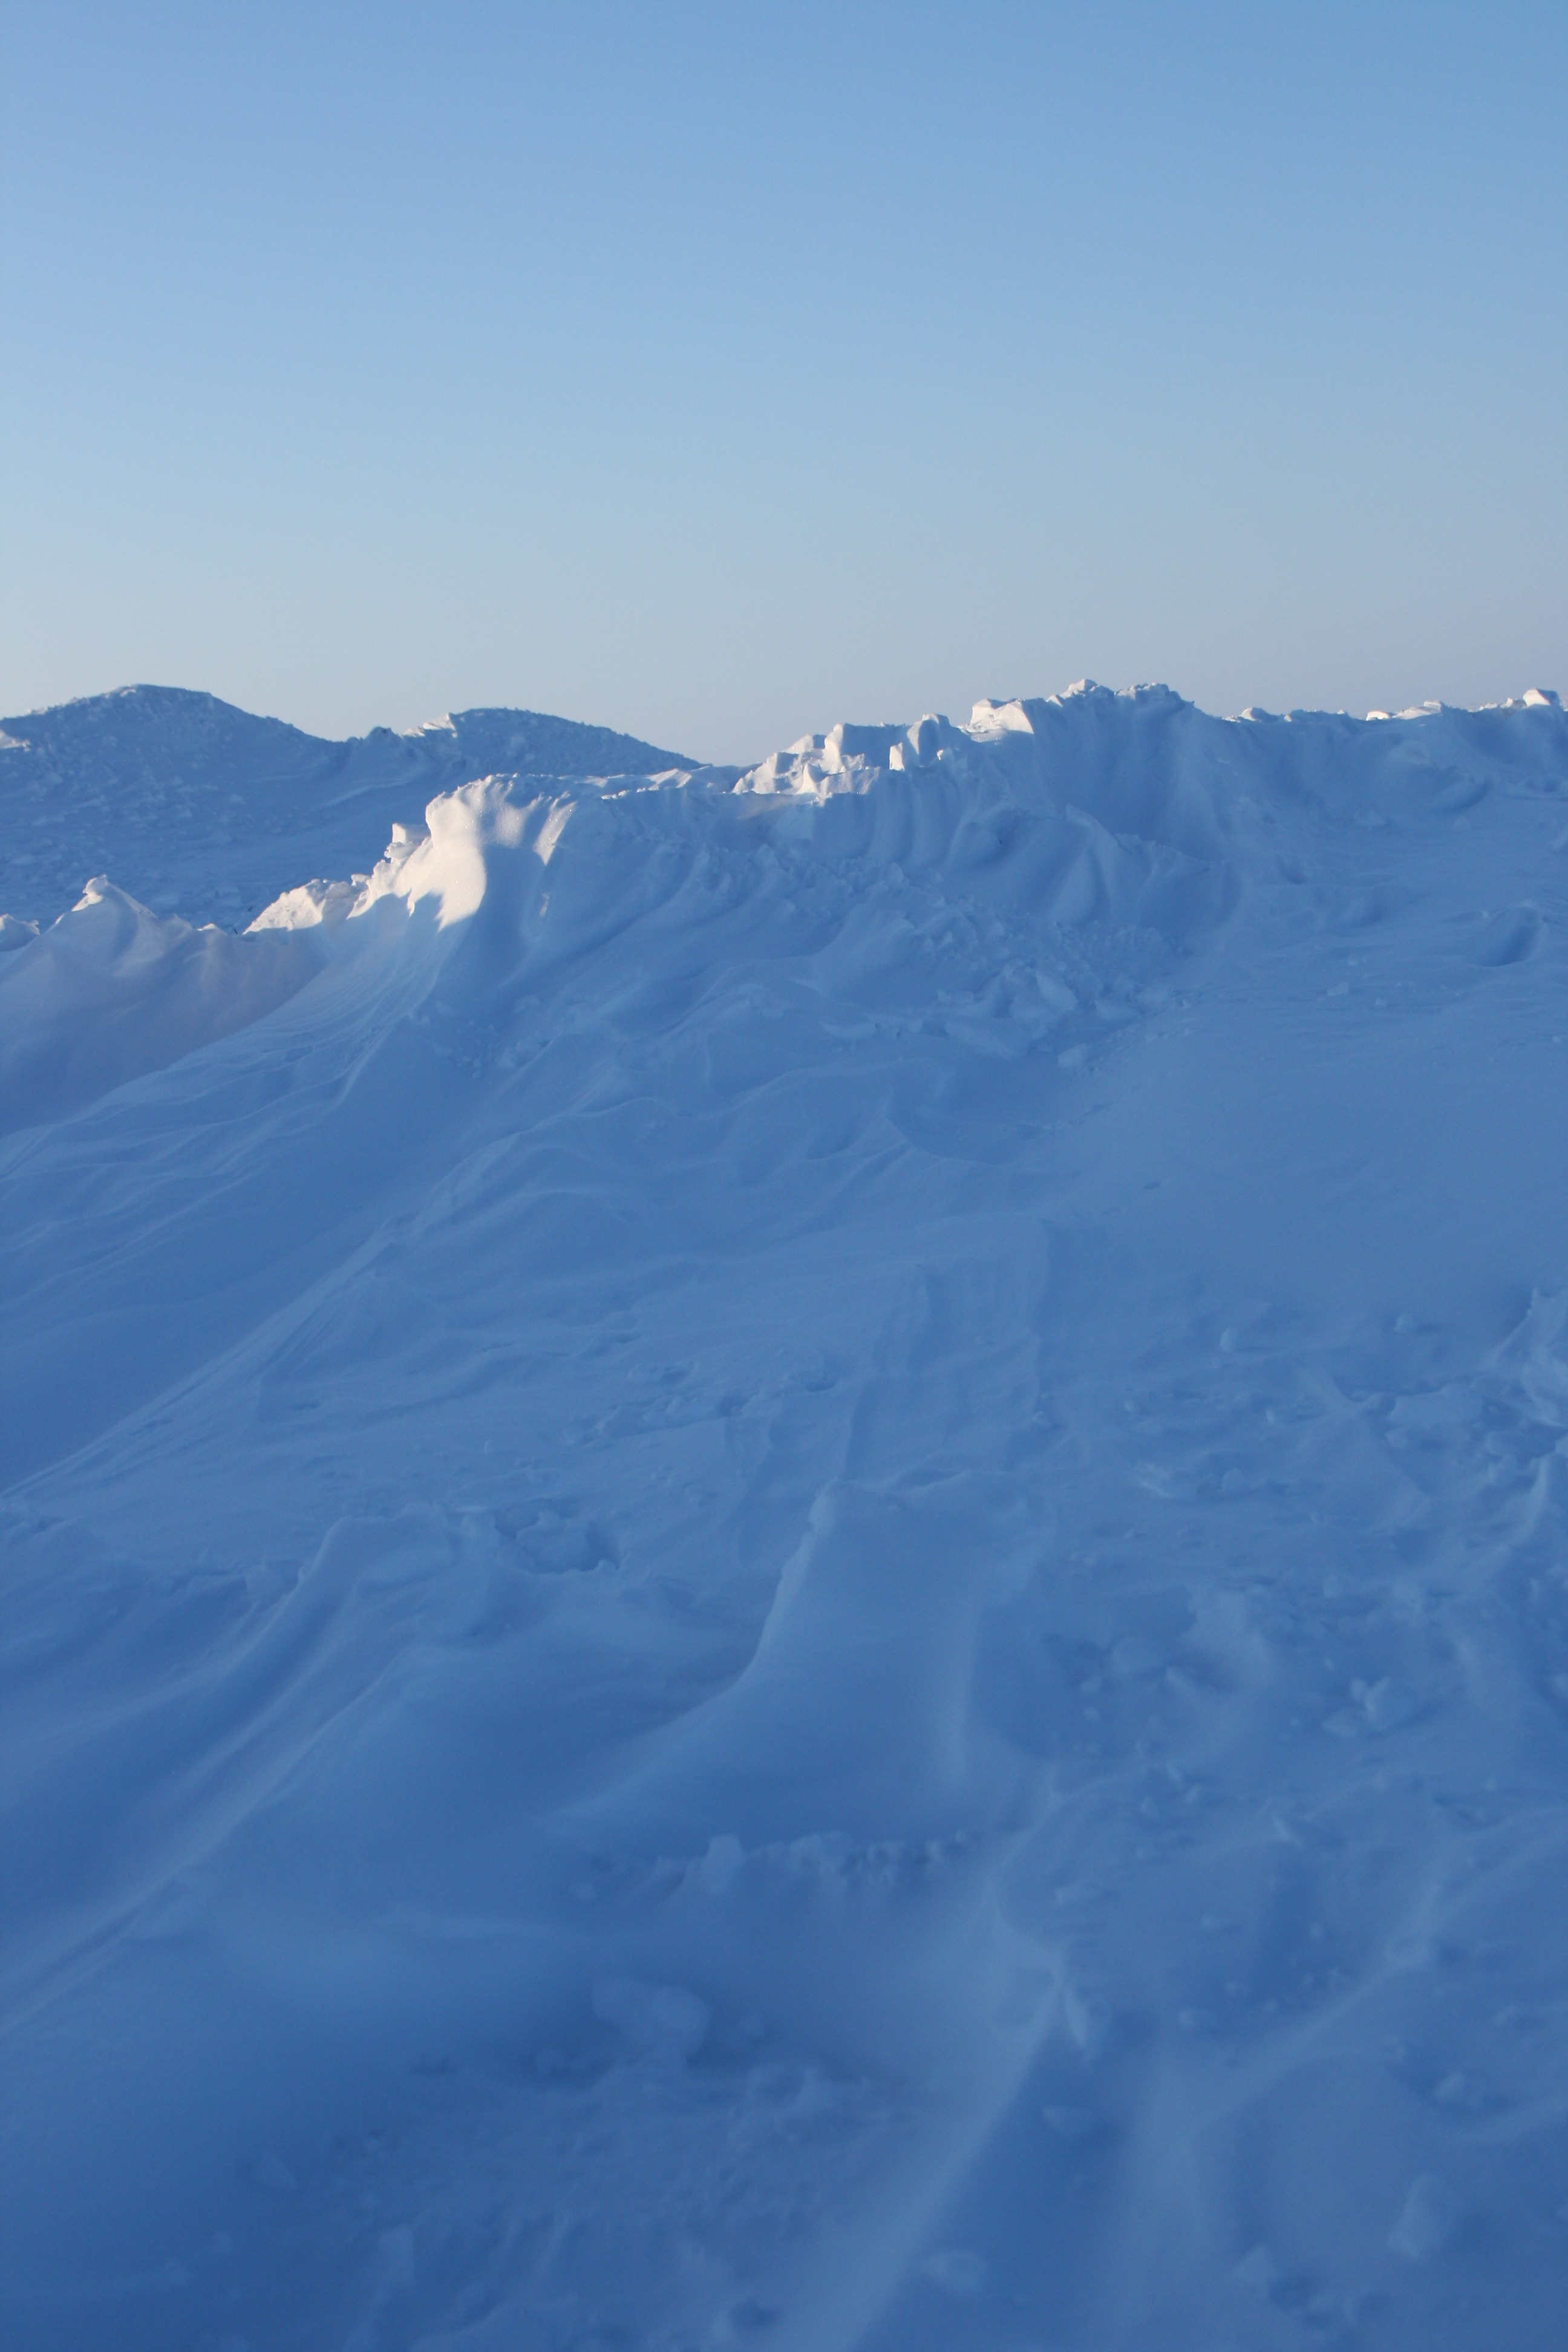 Snow Snow Snow 3